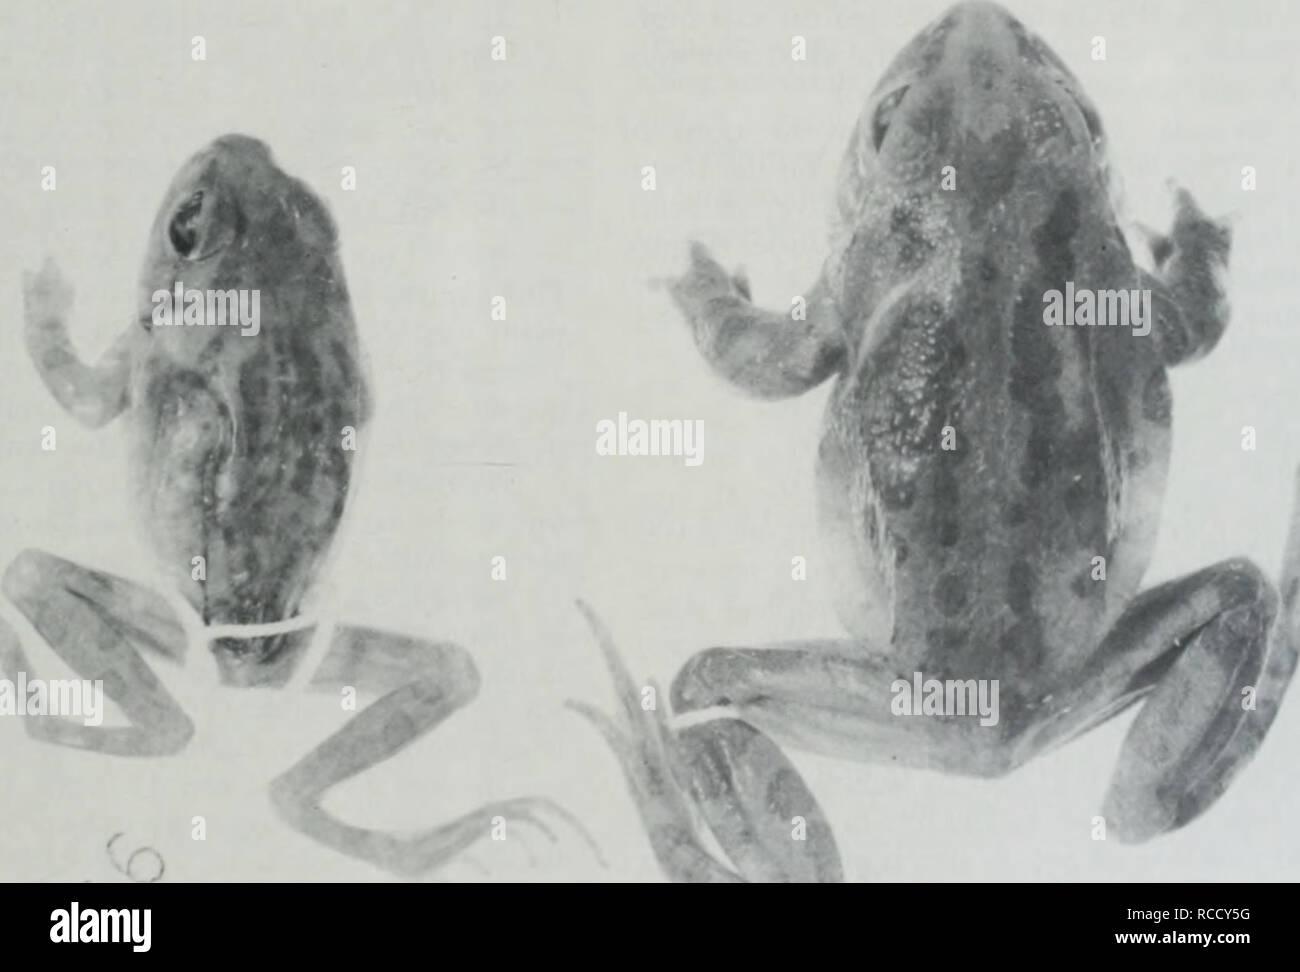 """. Distribuzione, habitat e il richiamo di stagione dell'Illinois chorus (rana Pseudacris streckeri illinoensis) lungo la parte inferiore del fiume Illinois. Le rane. Settembre 1988 marrone e rosa: Illinois Chorus (Rana Pstudacns strecken illinoensis) Pseudacris streckeri illinoensis. Abbiamo il sospetto che il centro di operazioni per la stazione di salvataggio era situato sul lato meridionale del lago sul lato est essere- cause 1928 quadrangolo Meredosia mappa mostra un certo numero di edifici in quella zona. Weed (1923) ha osservato che il campione ha raccolto (Figura 2) era un """"corto, spessa, corpo"""", e a cui egli ha fatto riferimento al Foto Stock"""